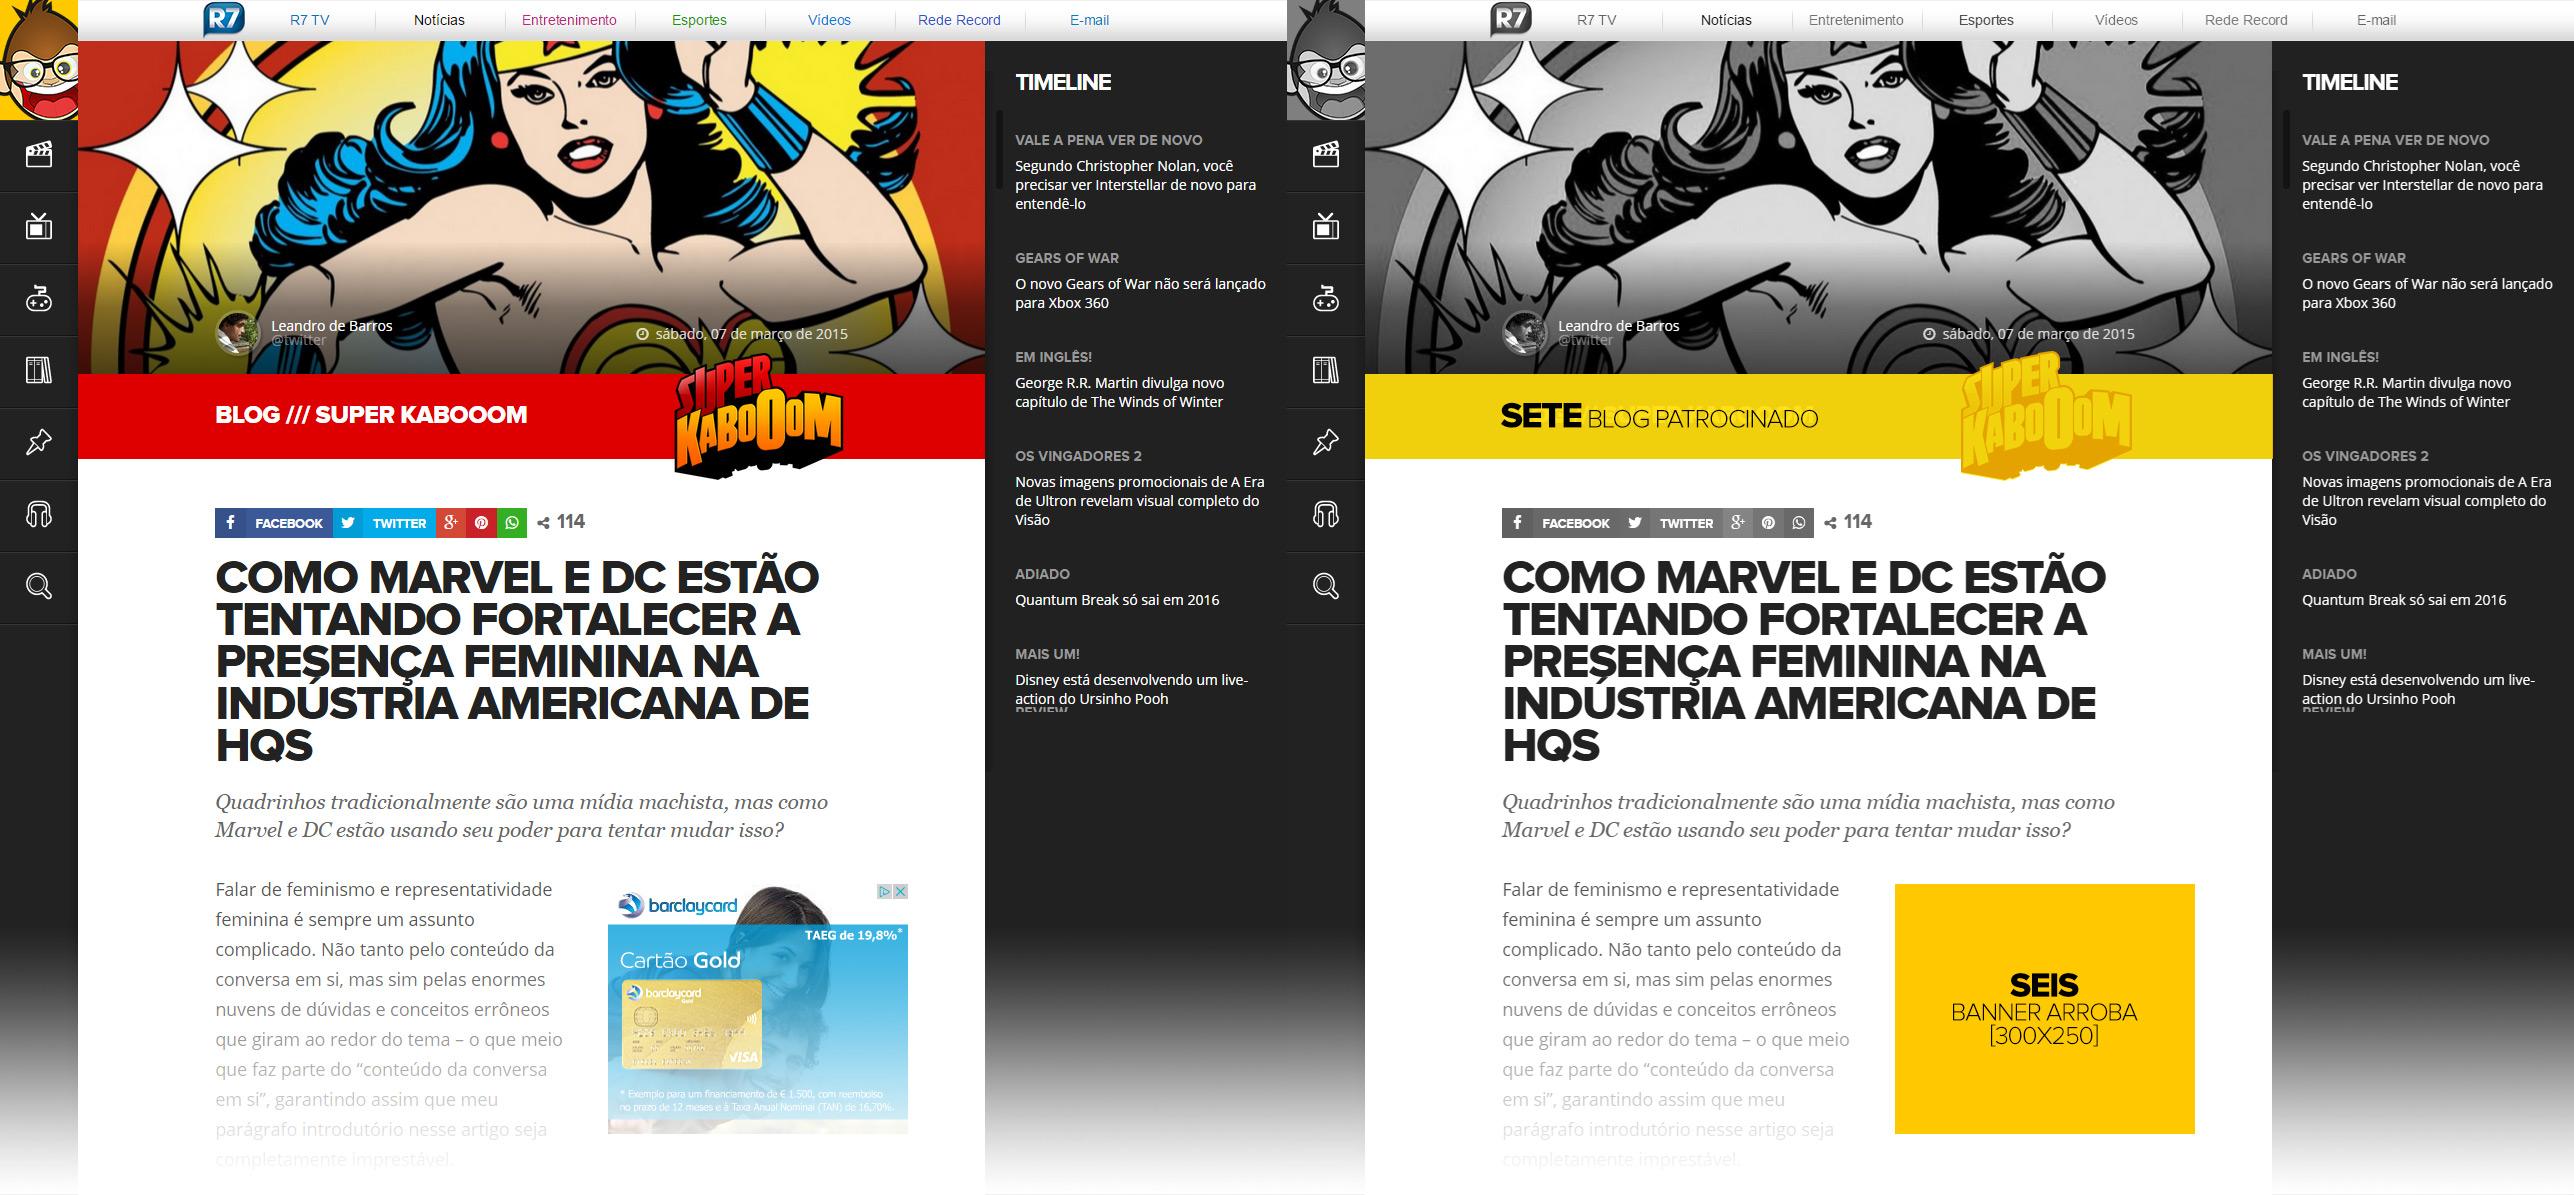 Exemplos 6 e 7 de publicidade